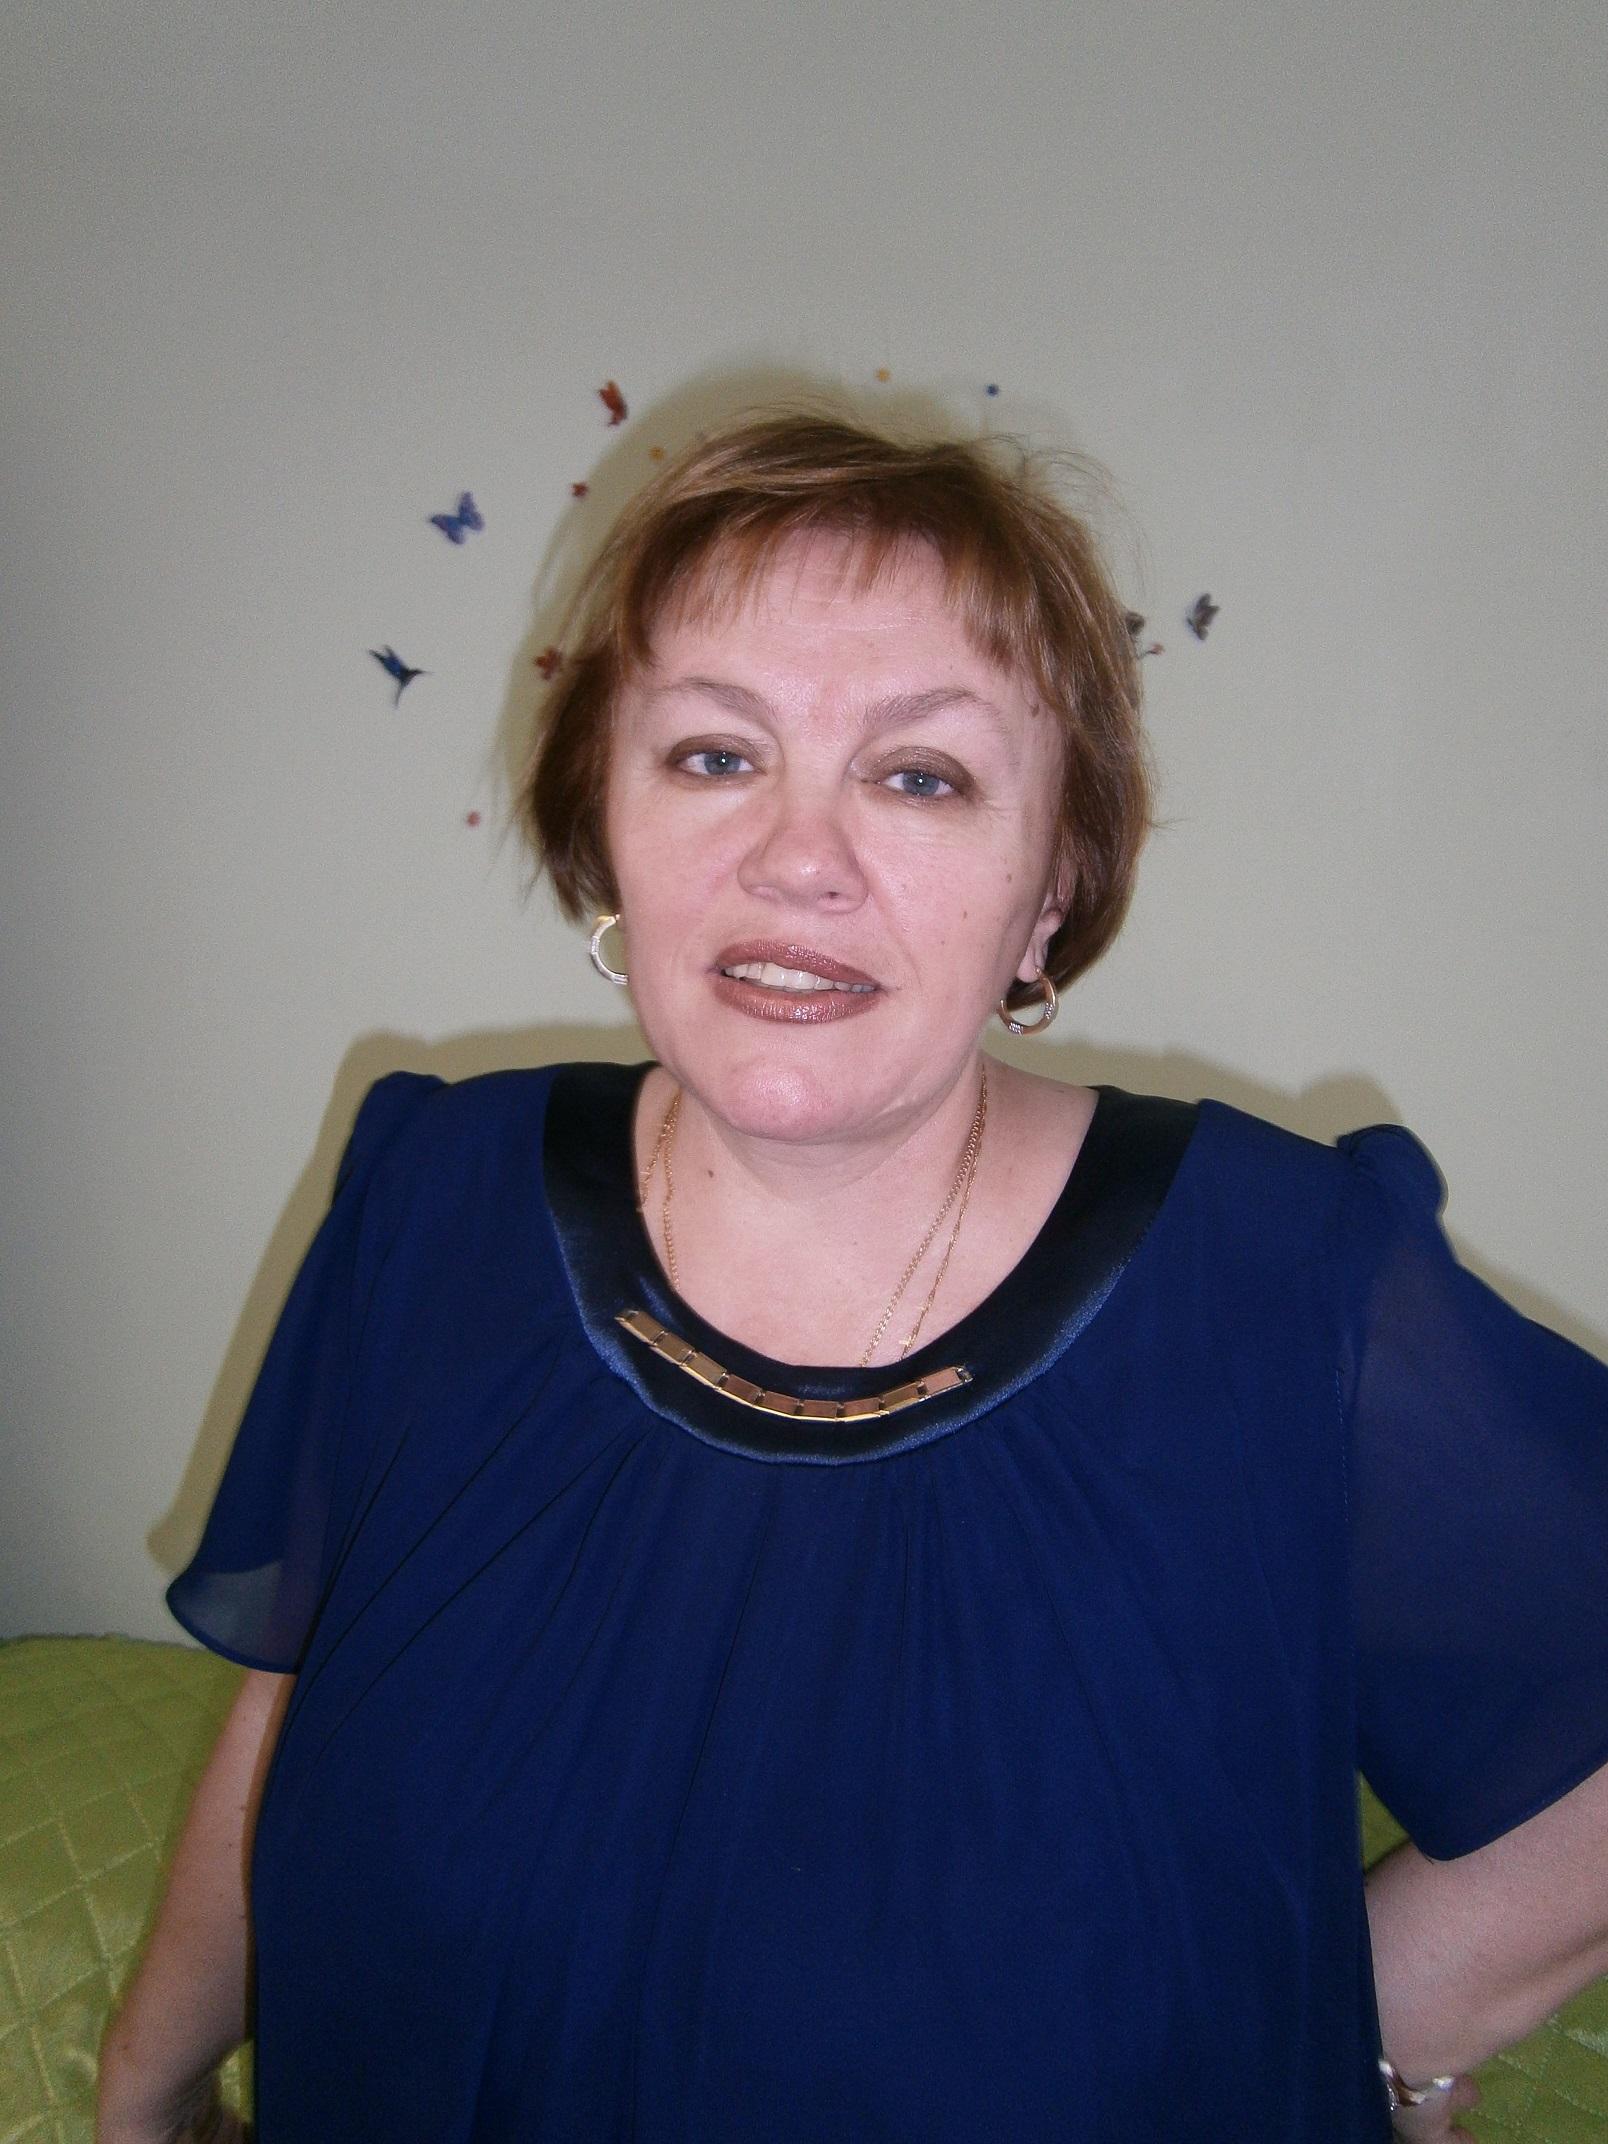 пятигорске будет чествовать юбиляра - опытнейшего педагога, талантливого ученого, кандидата исторических наук